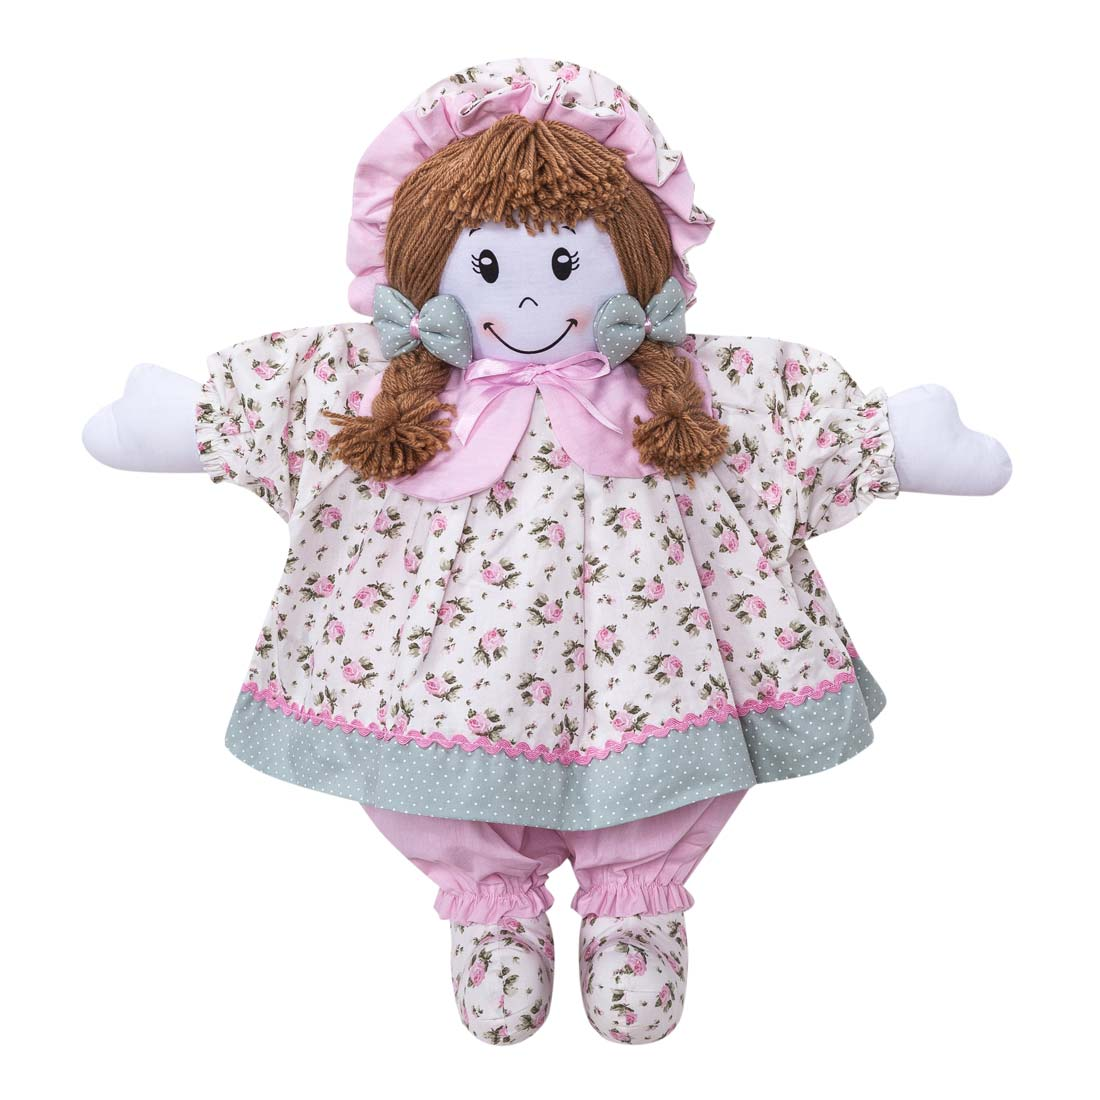 Boneca decorativa para Quarto Bebê Coleção Baby Florence - Rosa